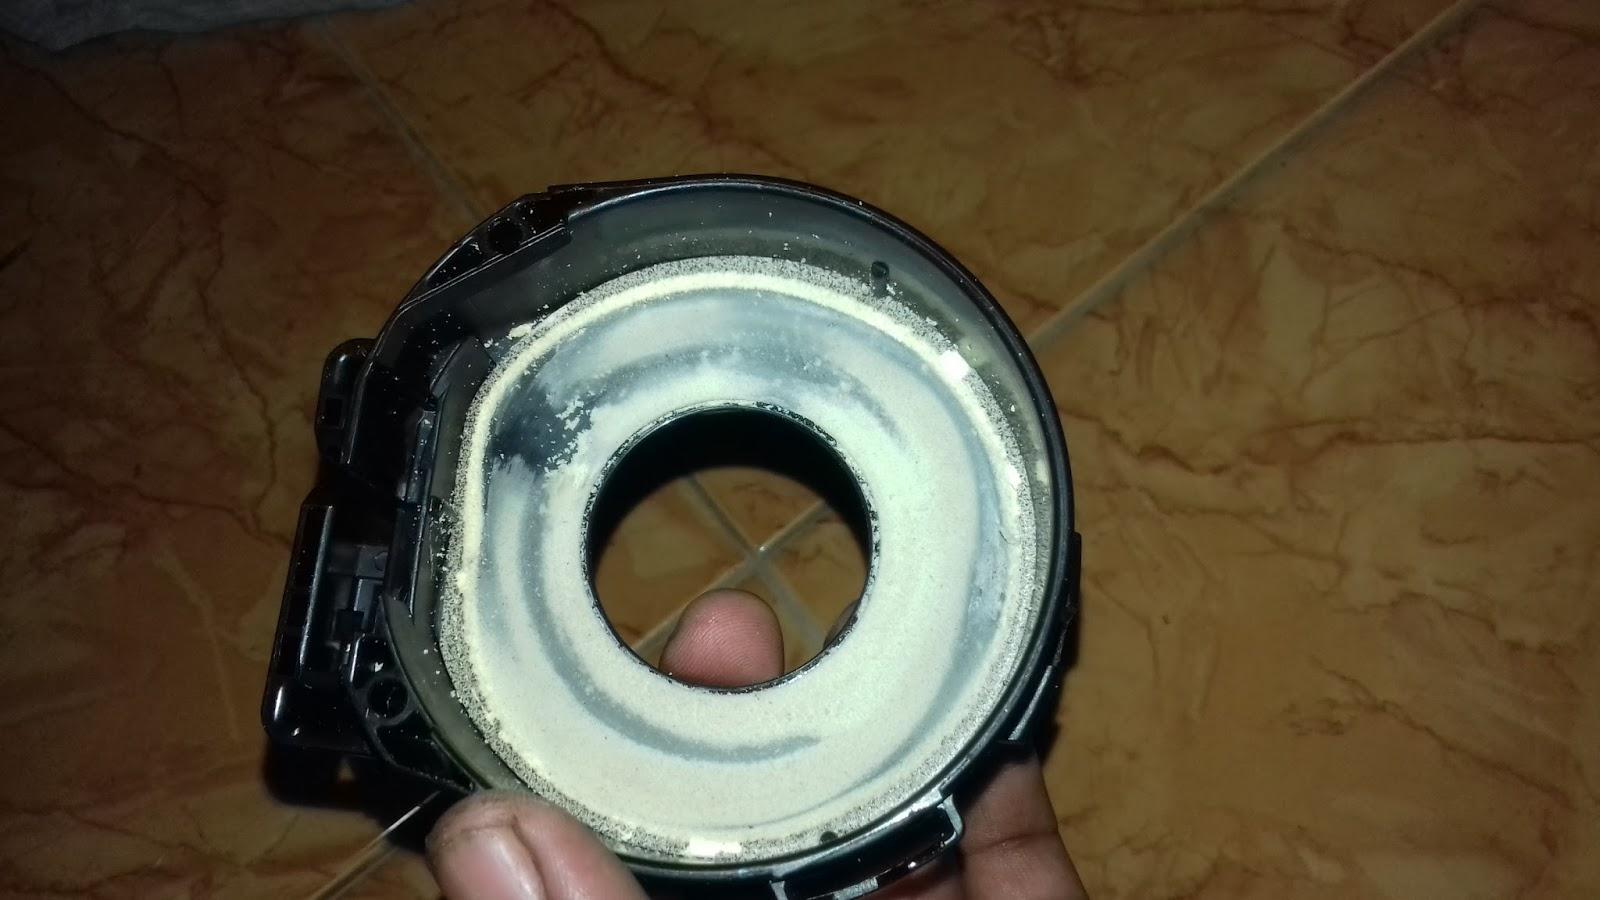 nyala dan bel horn tidak akan berfungsi hal itu disebabkan reel cable putus ini penampakannya dan panjang kabel tersebut kurang lebih 1 5meter  [ 1600 x 900 Pixel ]